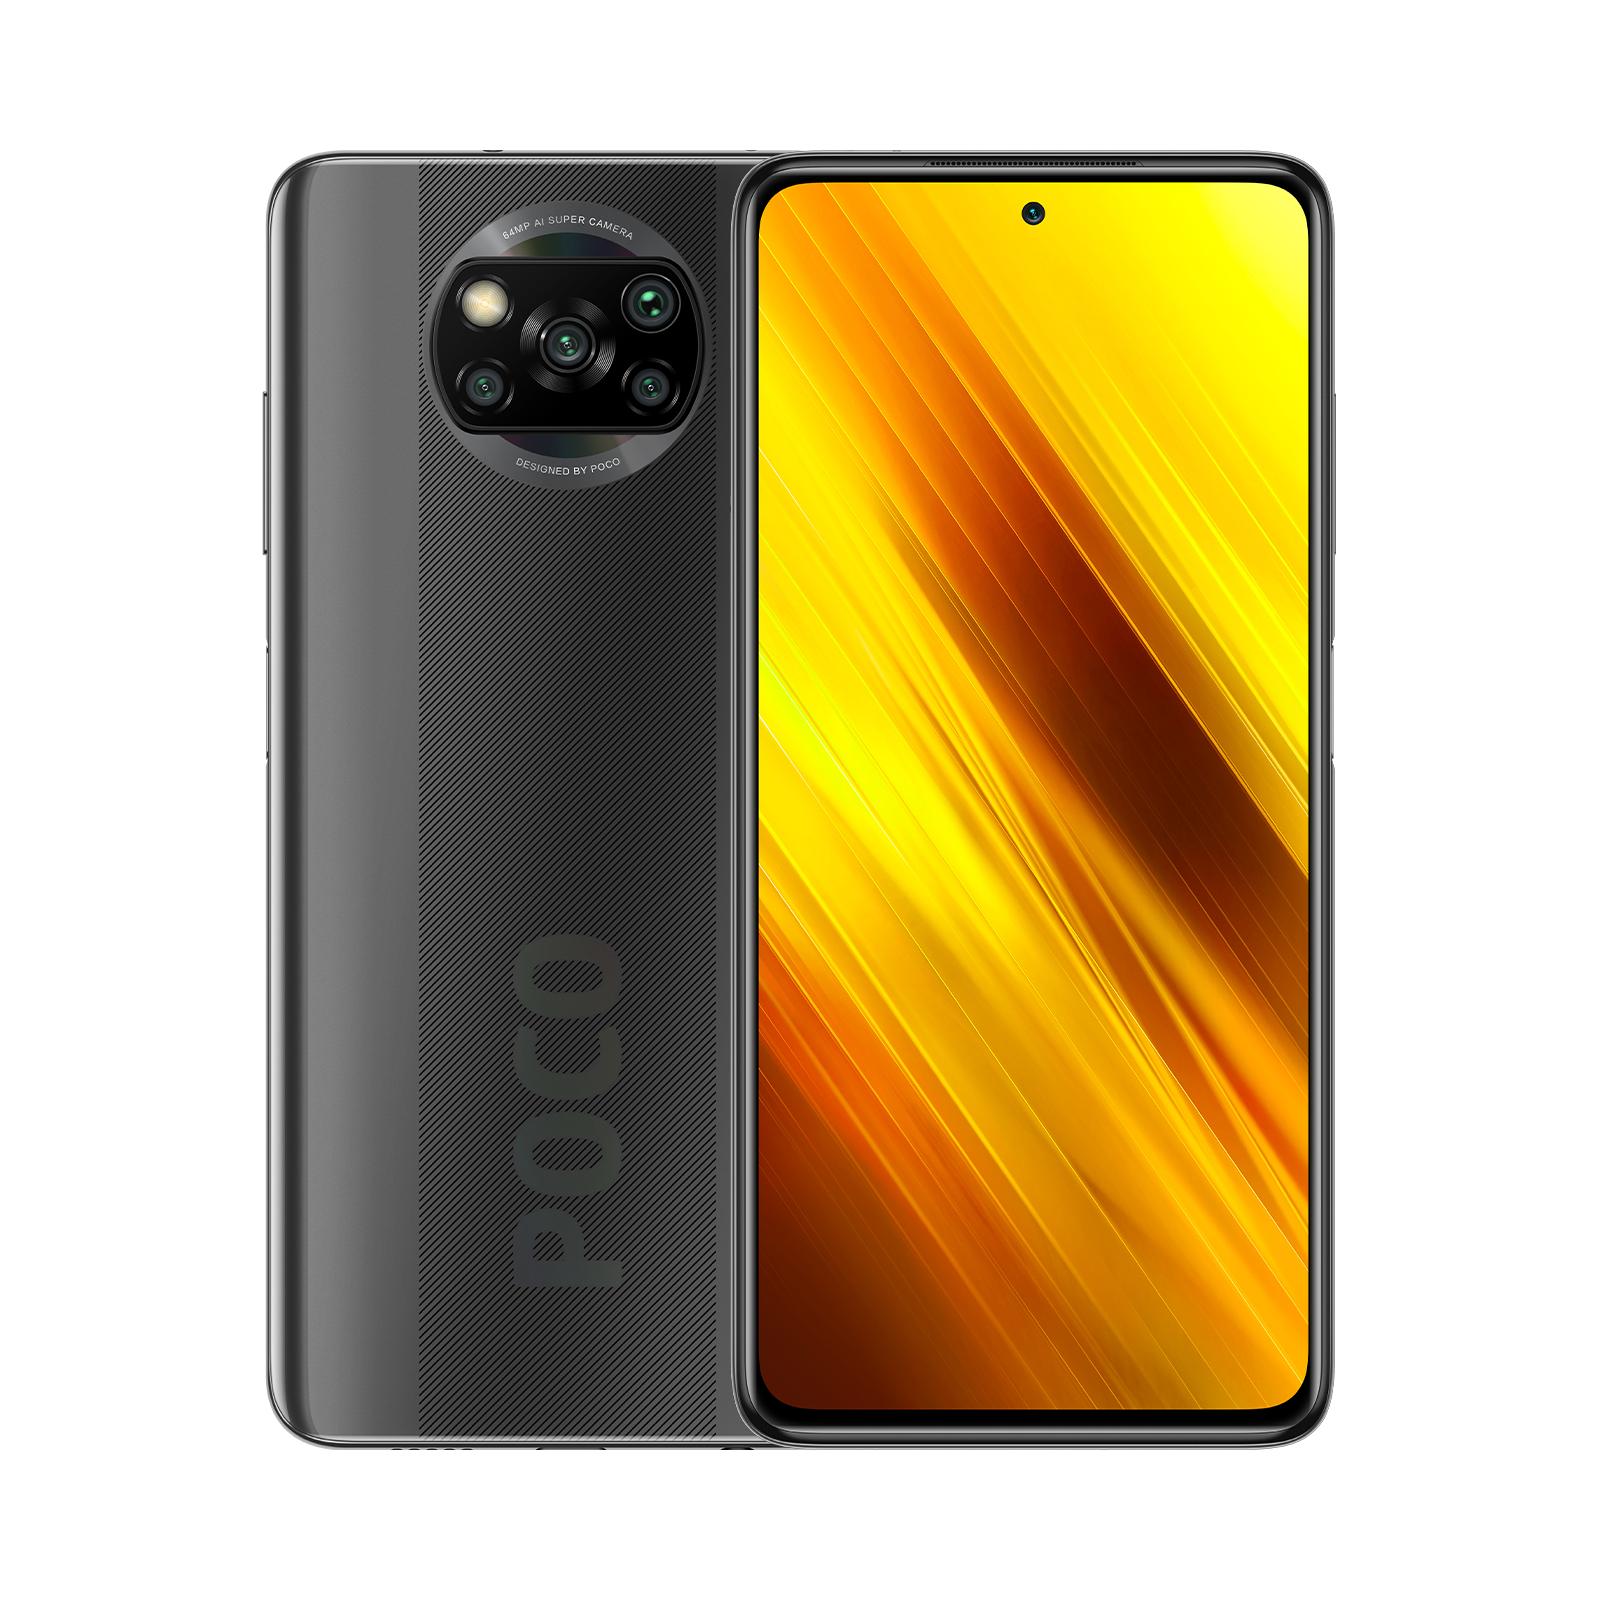 Xiaomi POCO X3 NFC Grey 6GB/64GB + Xiaomi Mi Band 4 - £168.99 (with code) @ Xiaomi UK